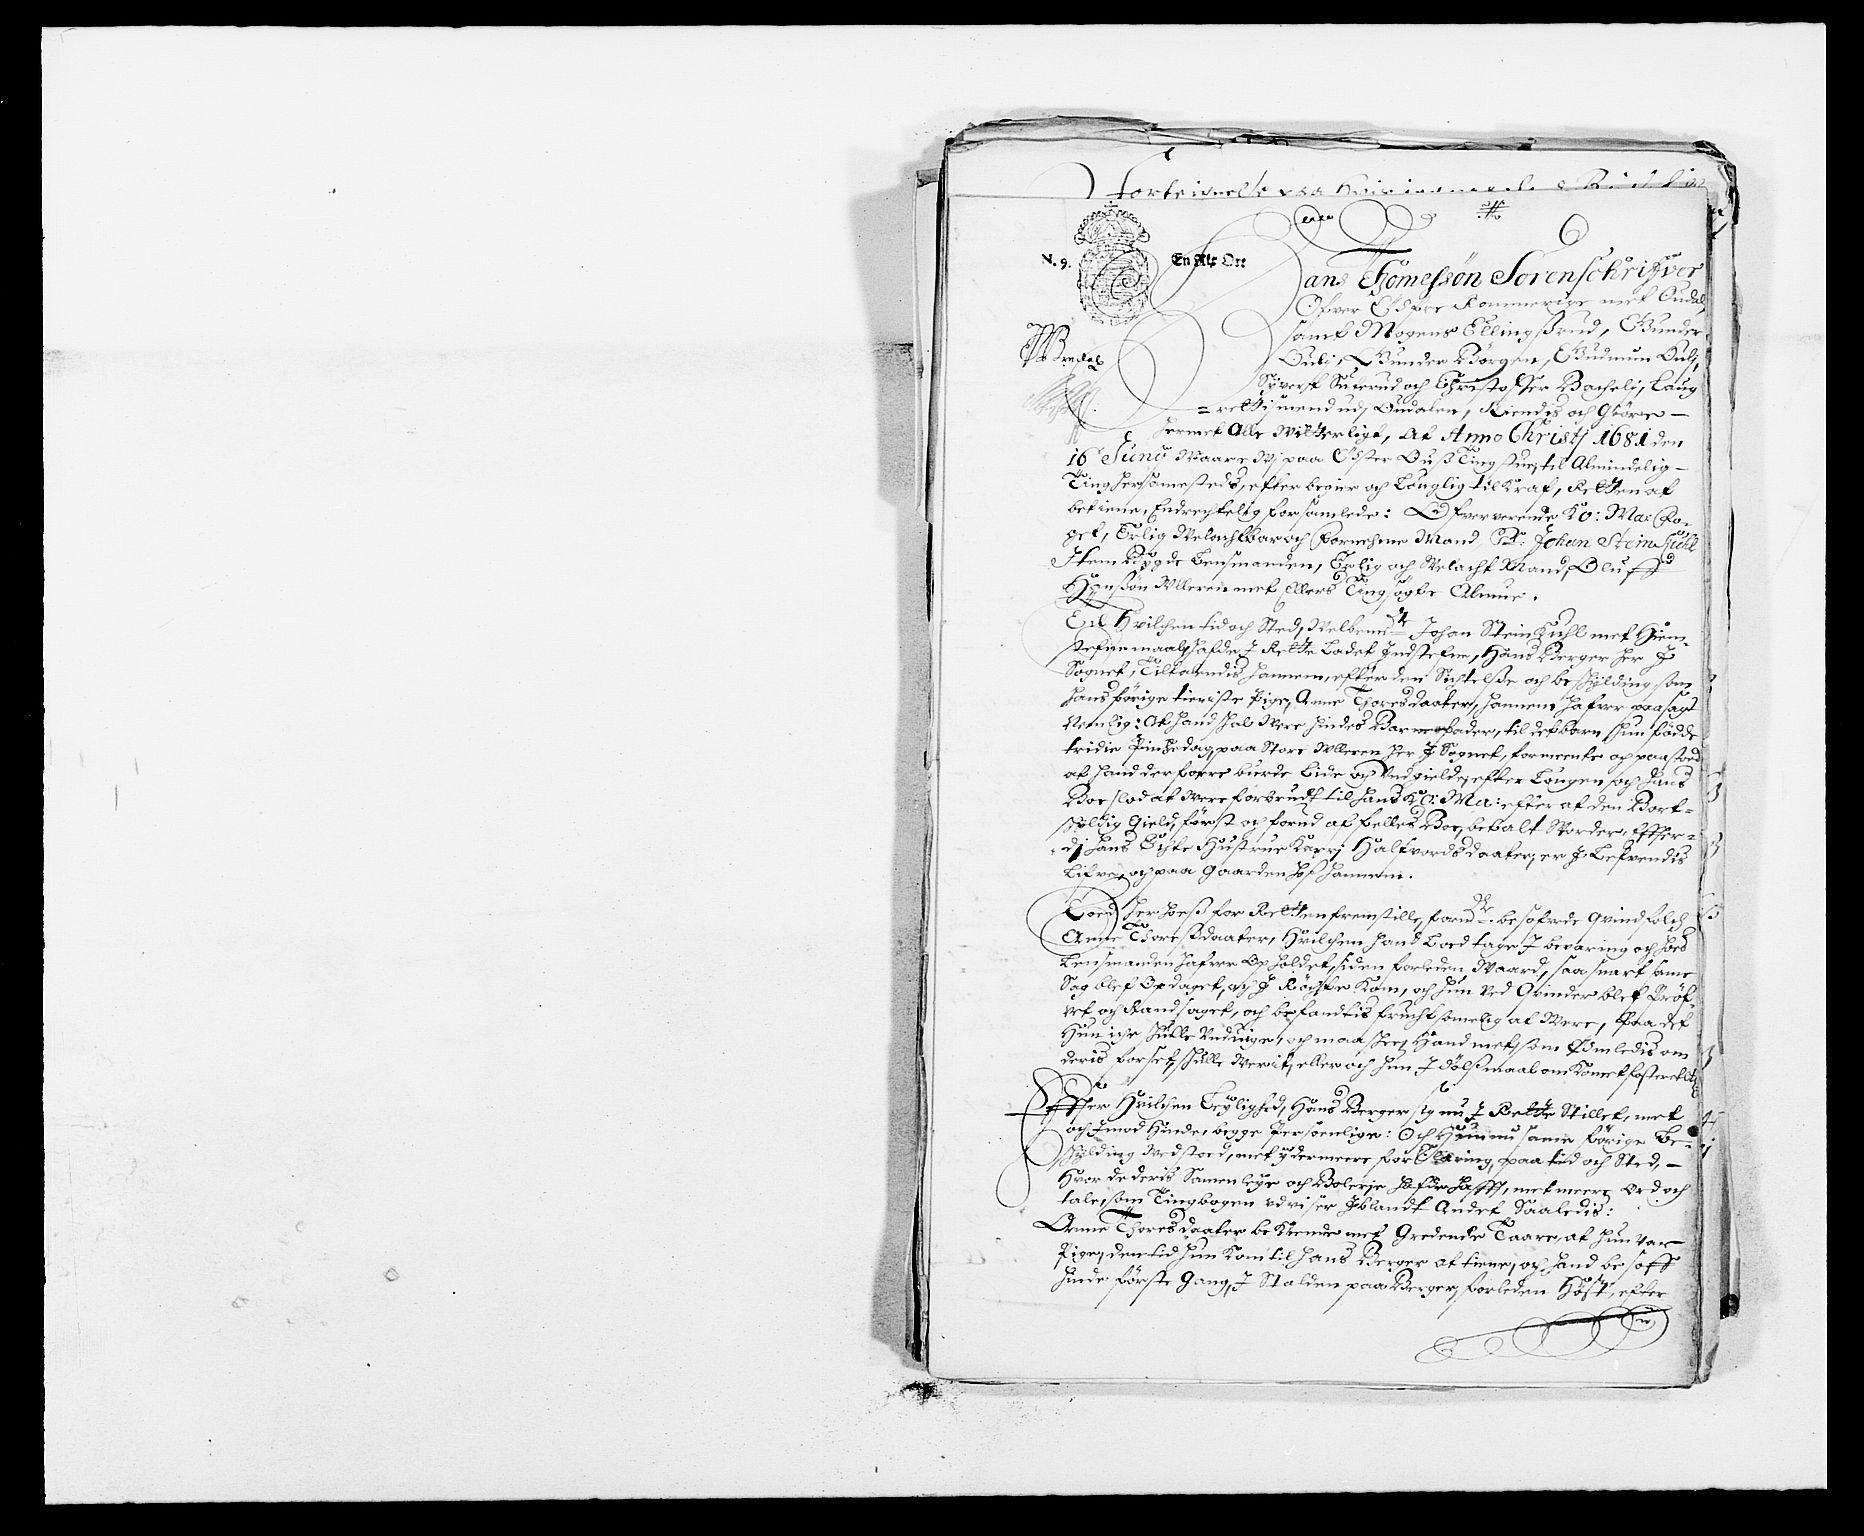 RA, Rentekammeret inntil 1814, Reviderte regnskaper, Fogderegnskap, R13/L0818: Fogderegnskap Solør, Odal og Østerdal, 1681, s. 252